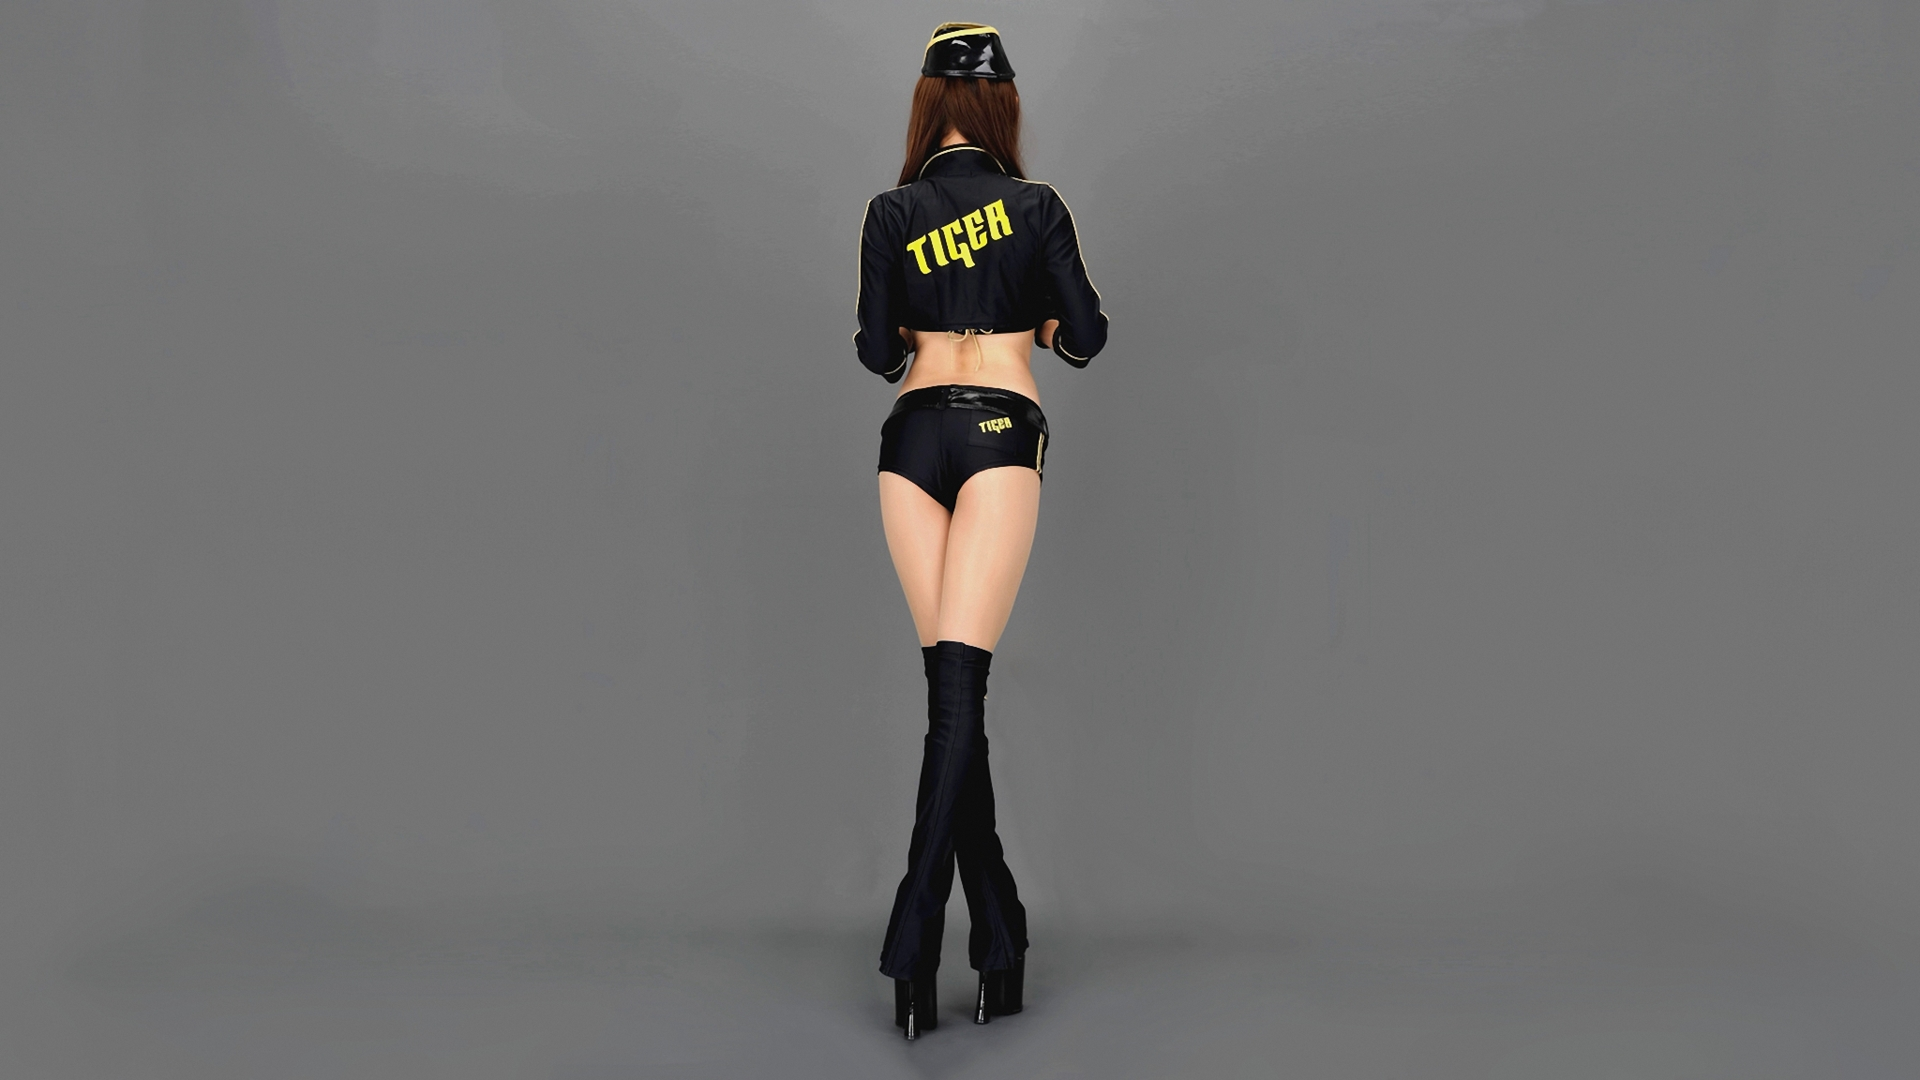 tiger girl [1920x1080].jpg